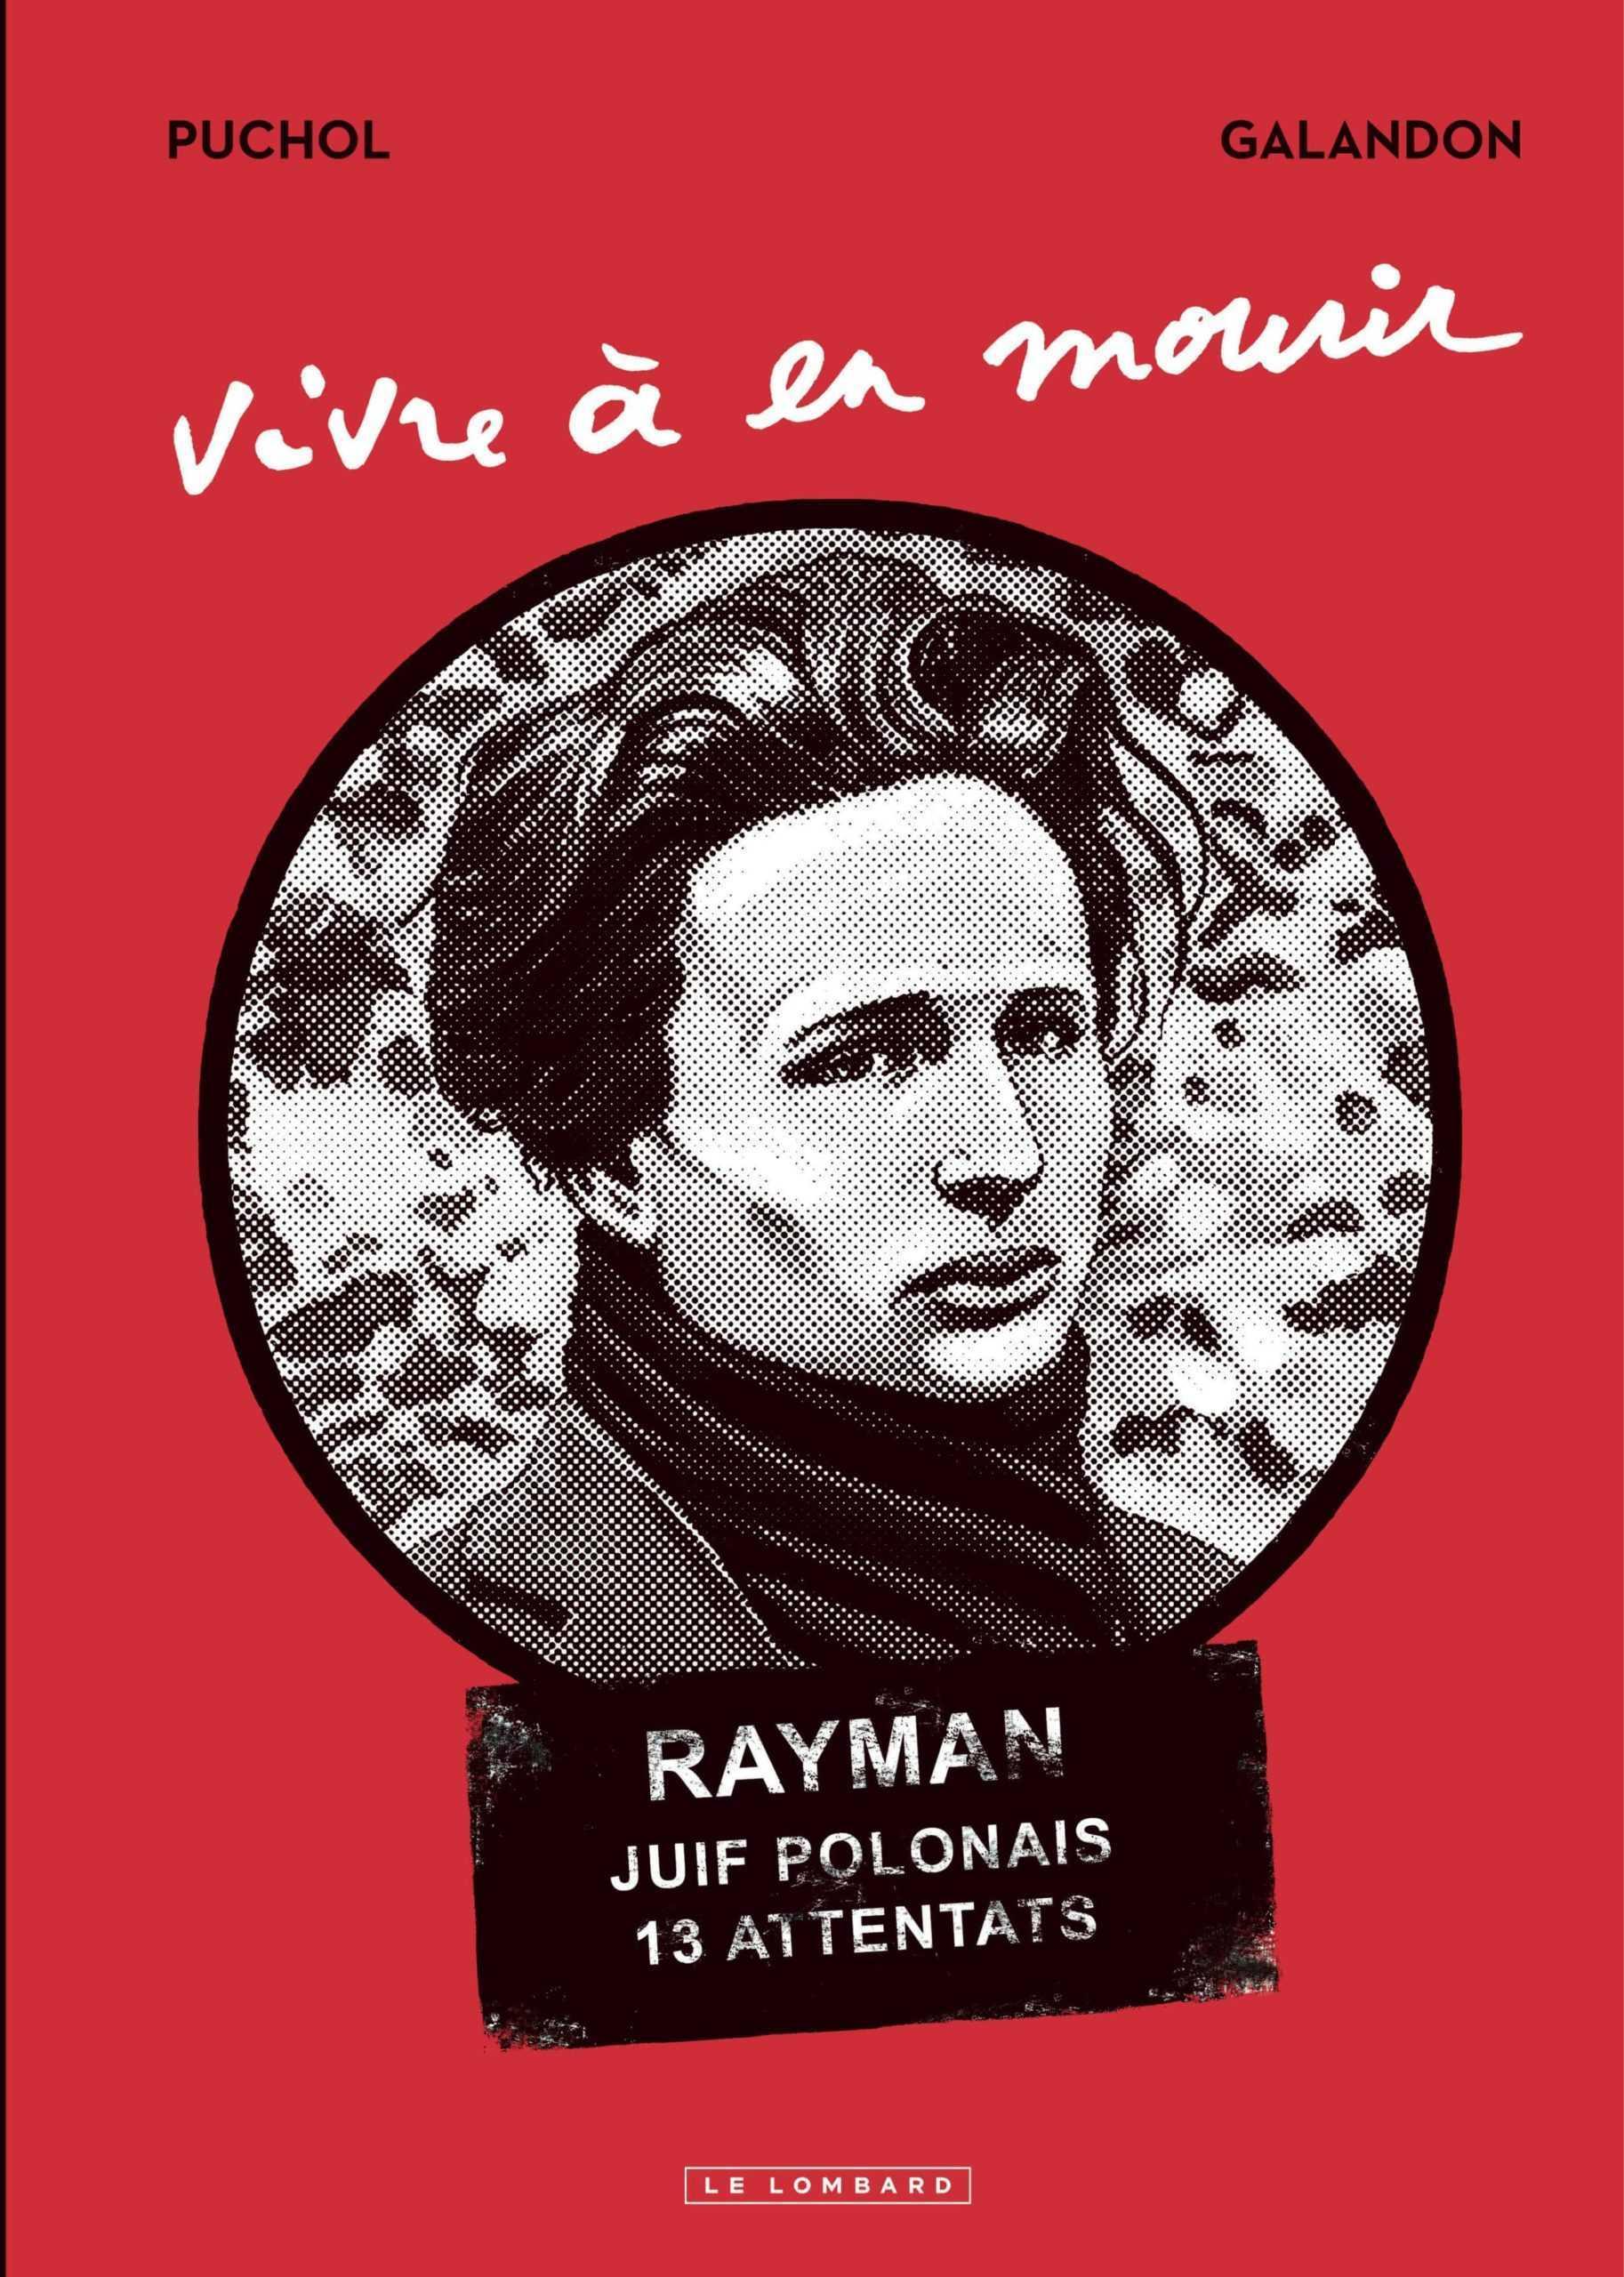 Vivre à en mourir, Marcel Rayman et l'Affiche Rouge